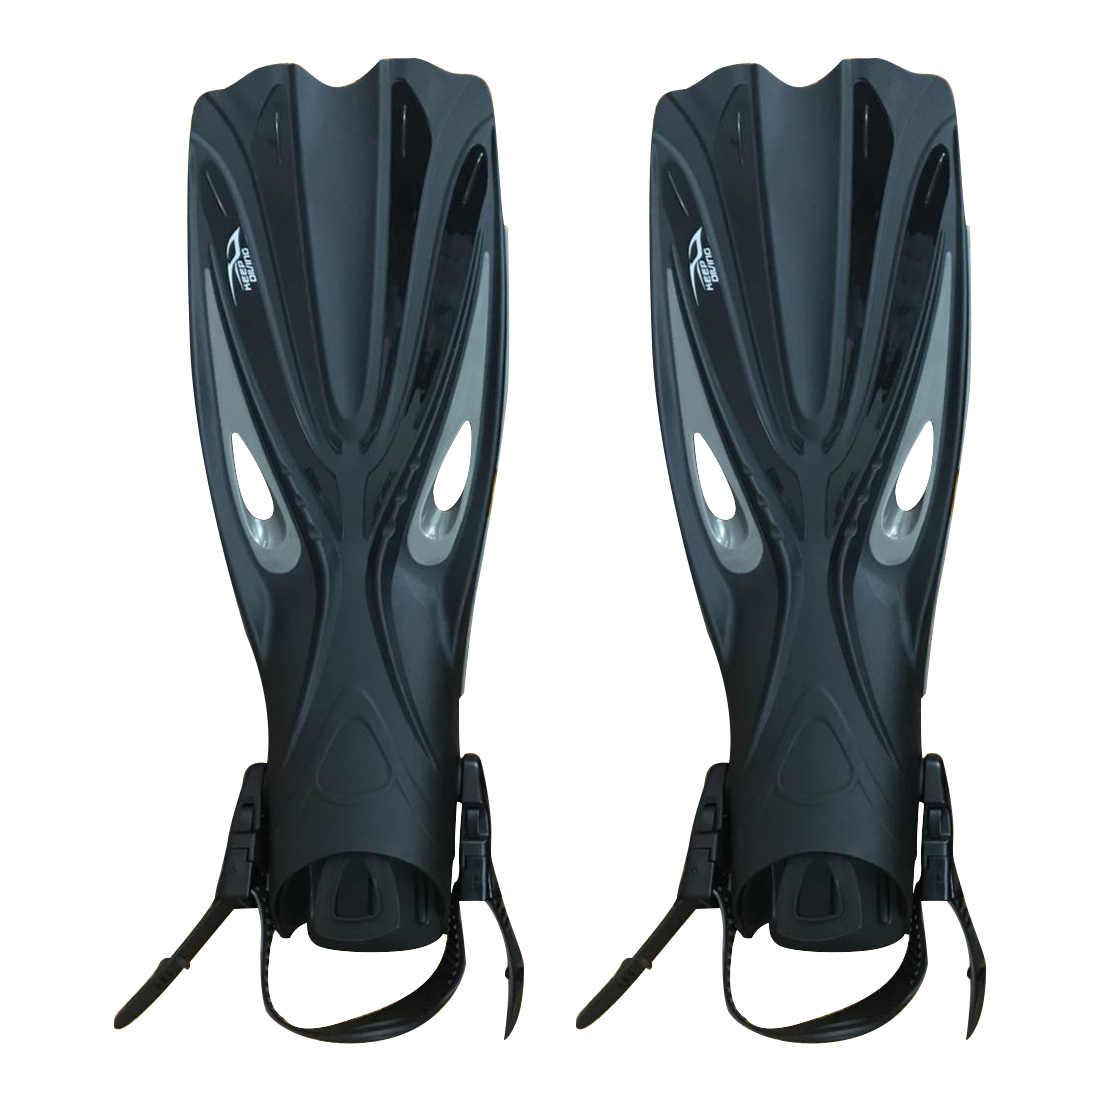 Süper satmak tutmak dalış açık topuk tüplü dalış uzun yüzgeçleri ayarlanabilir dalış yüzgeçleri palet için özel dalış botları ayakkabı gea